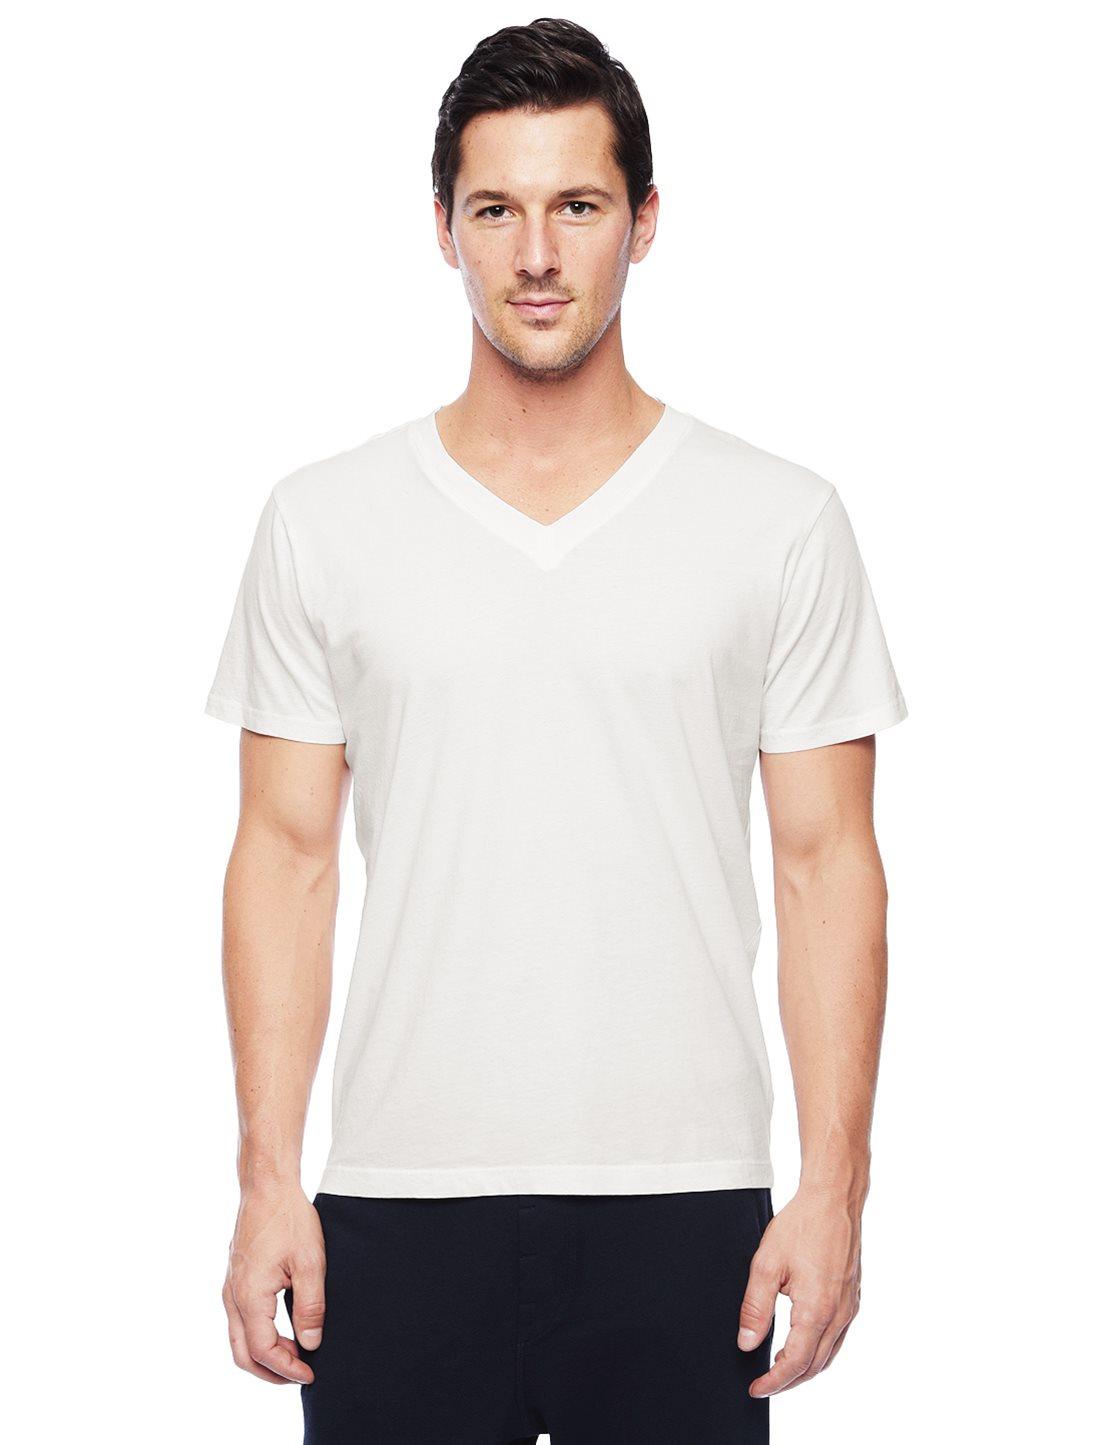 Splendid pigment v neck tee in white for men off white for White v neck shirt mens